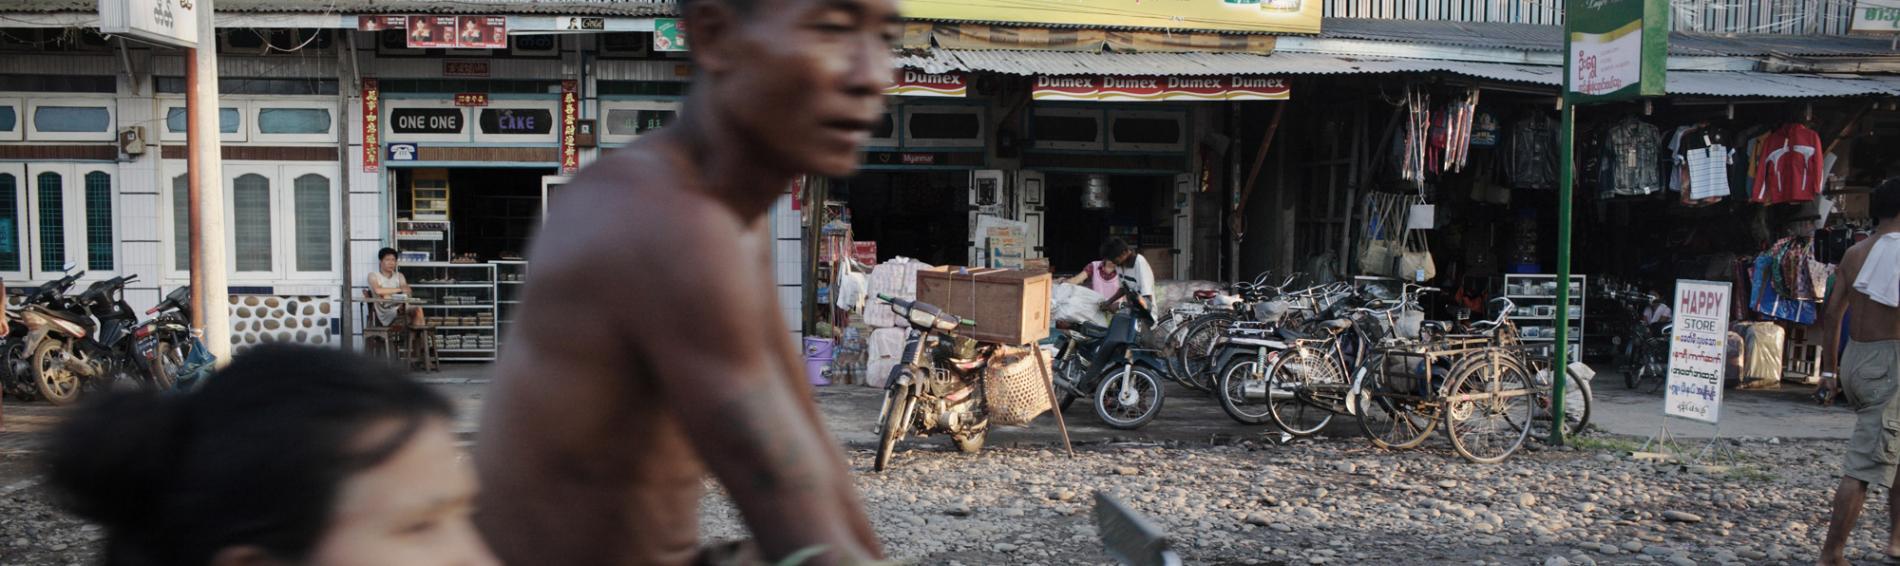 Programm von Ärzte der Welt in Burma. | Foto: Sophie Brandstrom